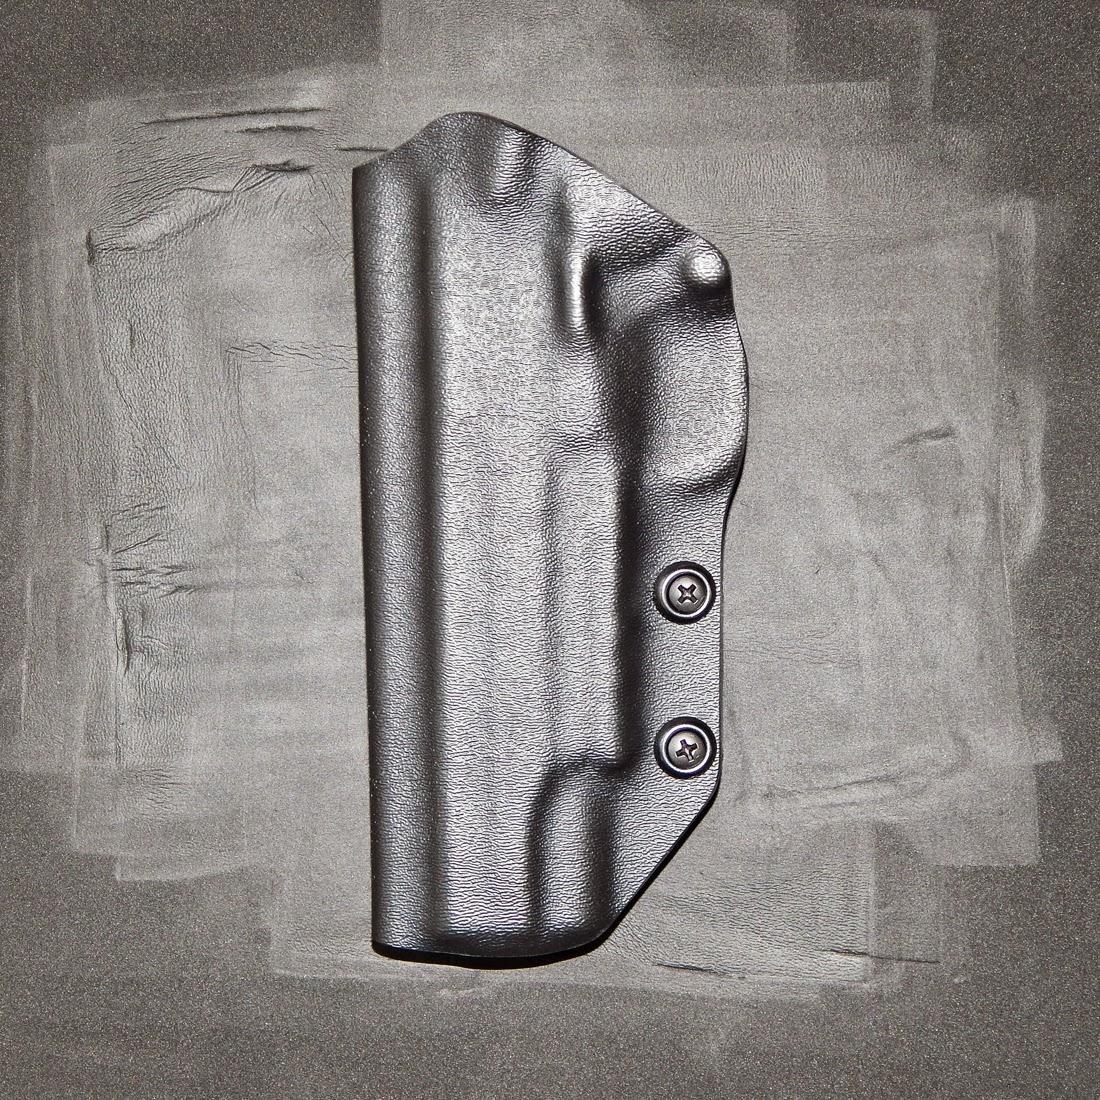 Kimber 1911 OWB Holster, OWB for 1911, 1911 holster, kydex owb holsters, outside the waistband holster for 1911, 1911 belt holster